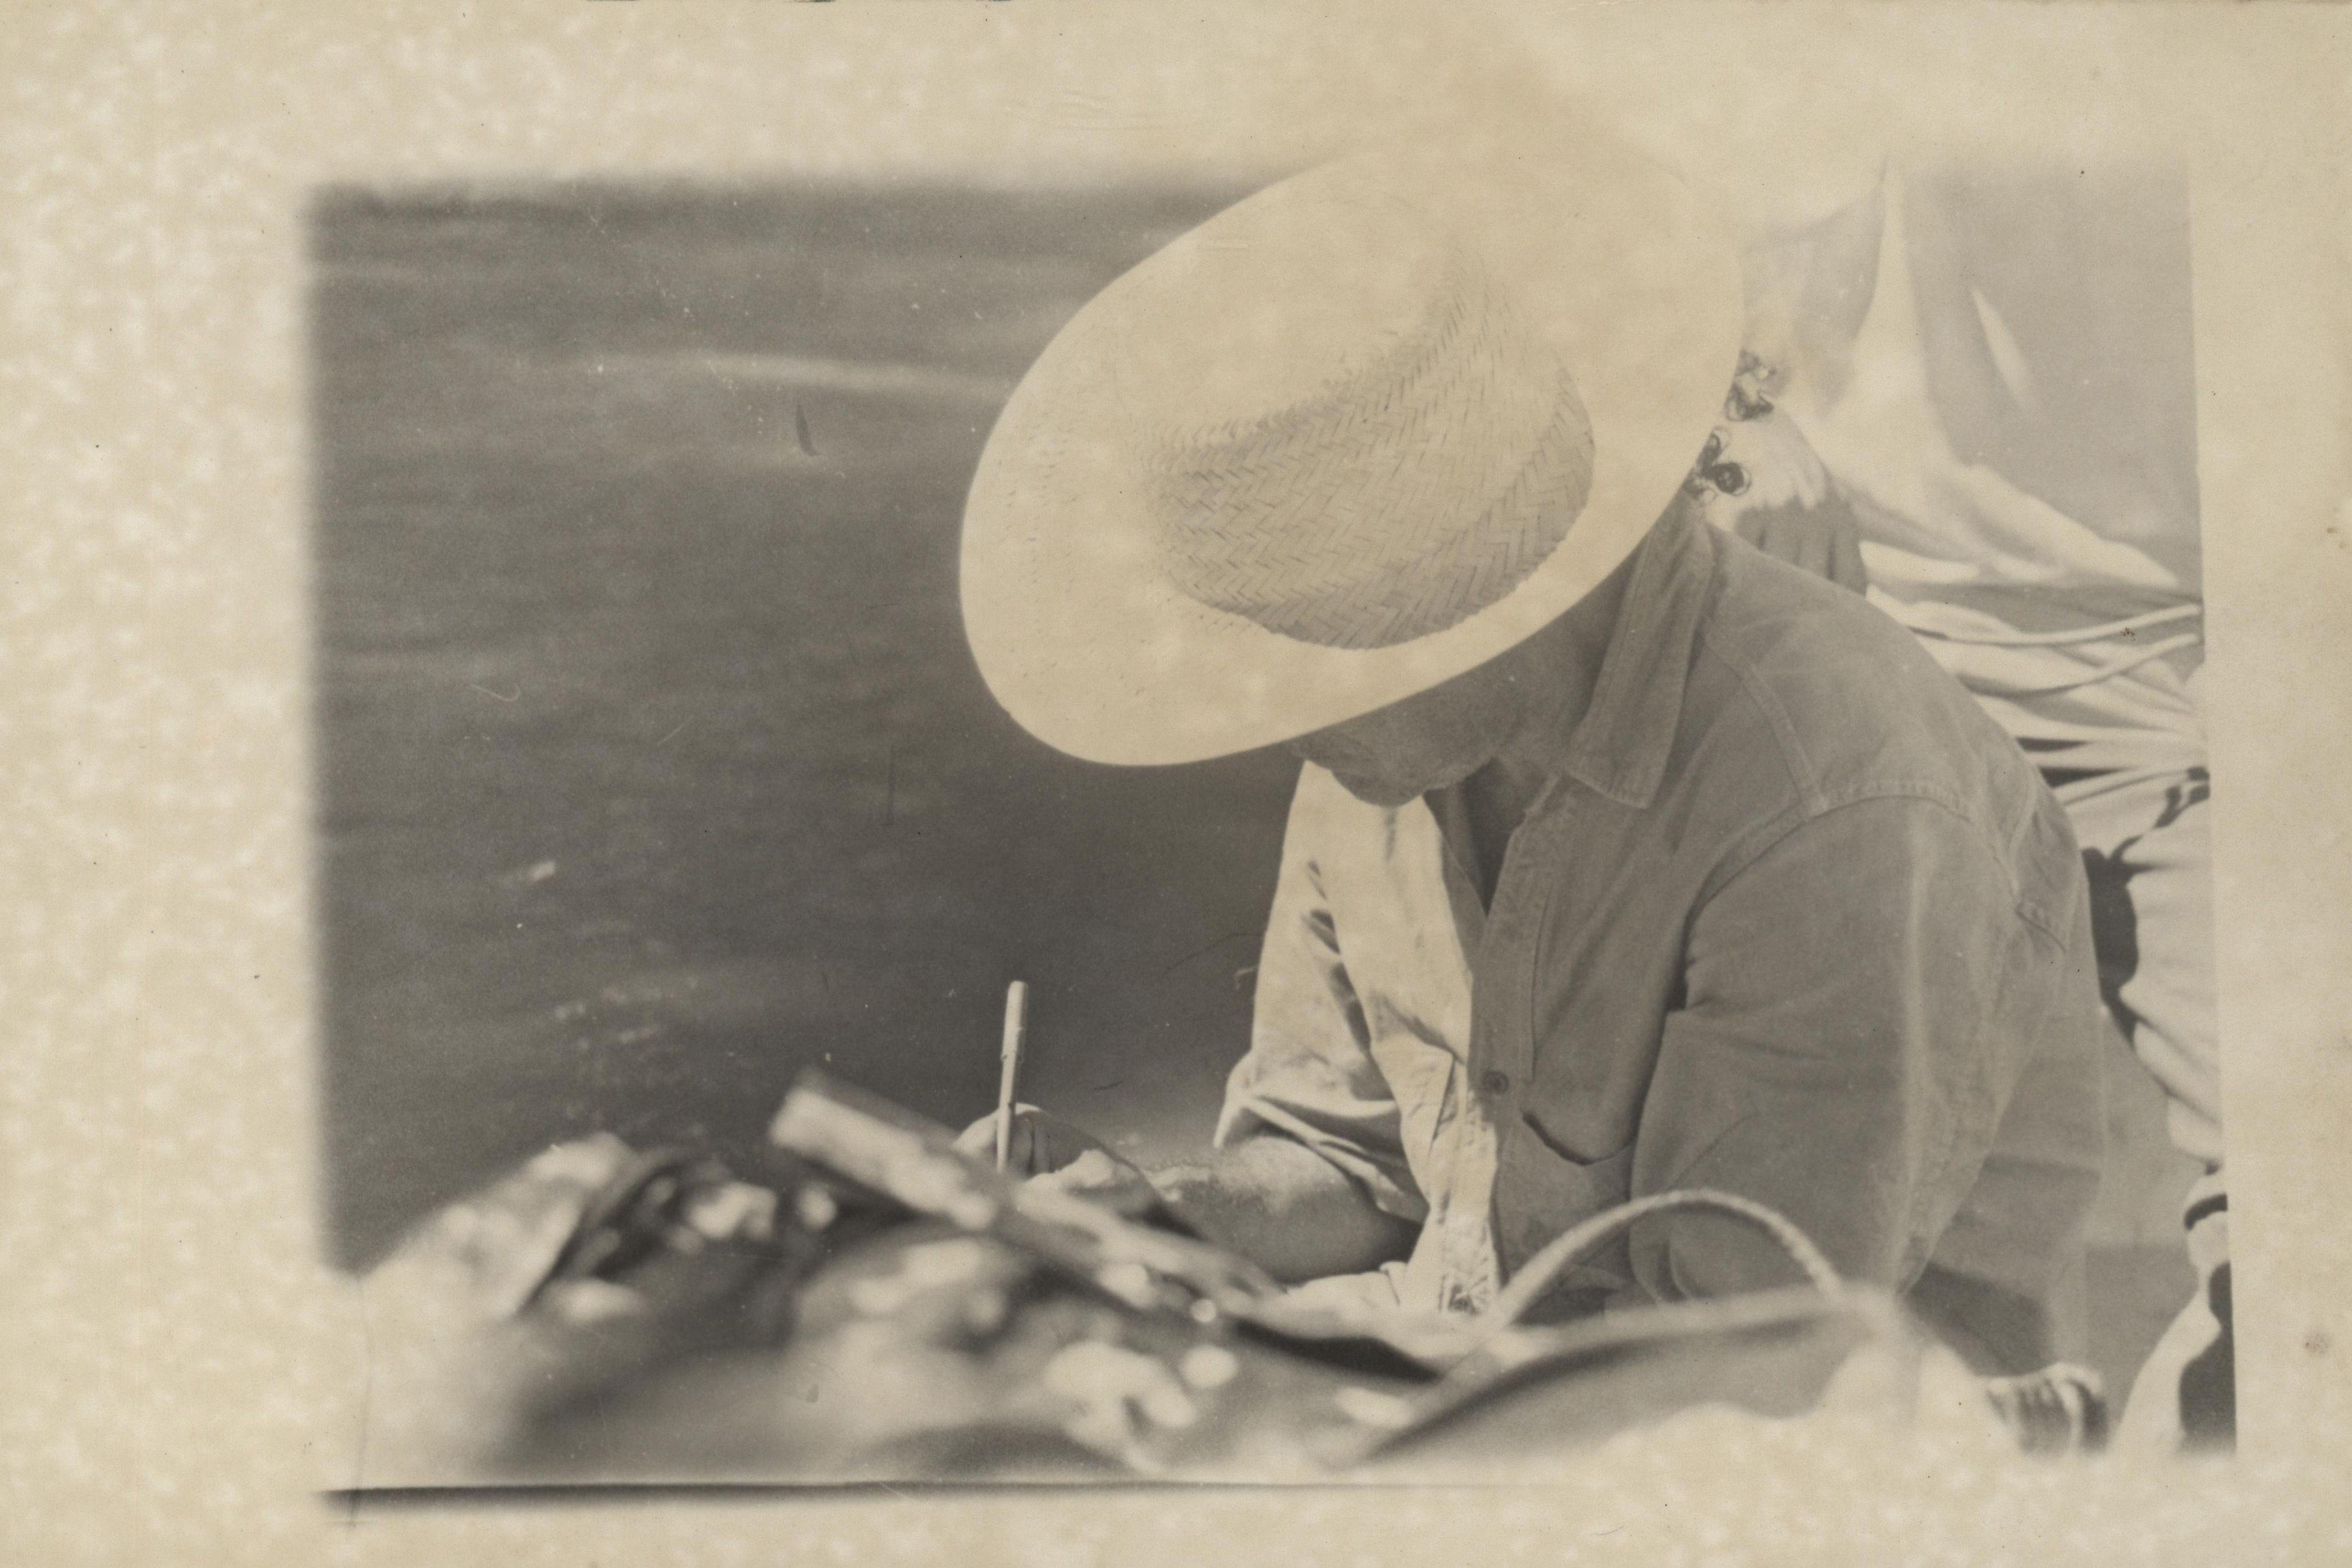 João das Neves na aldeia Aminalá, do povo indígena Jaminawá